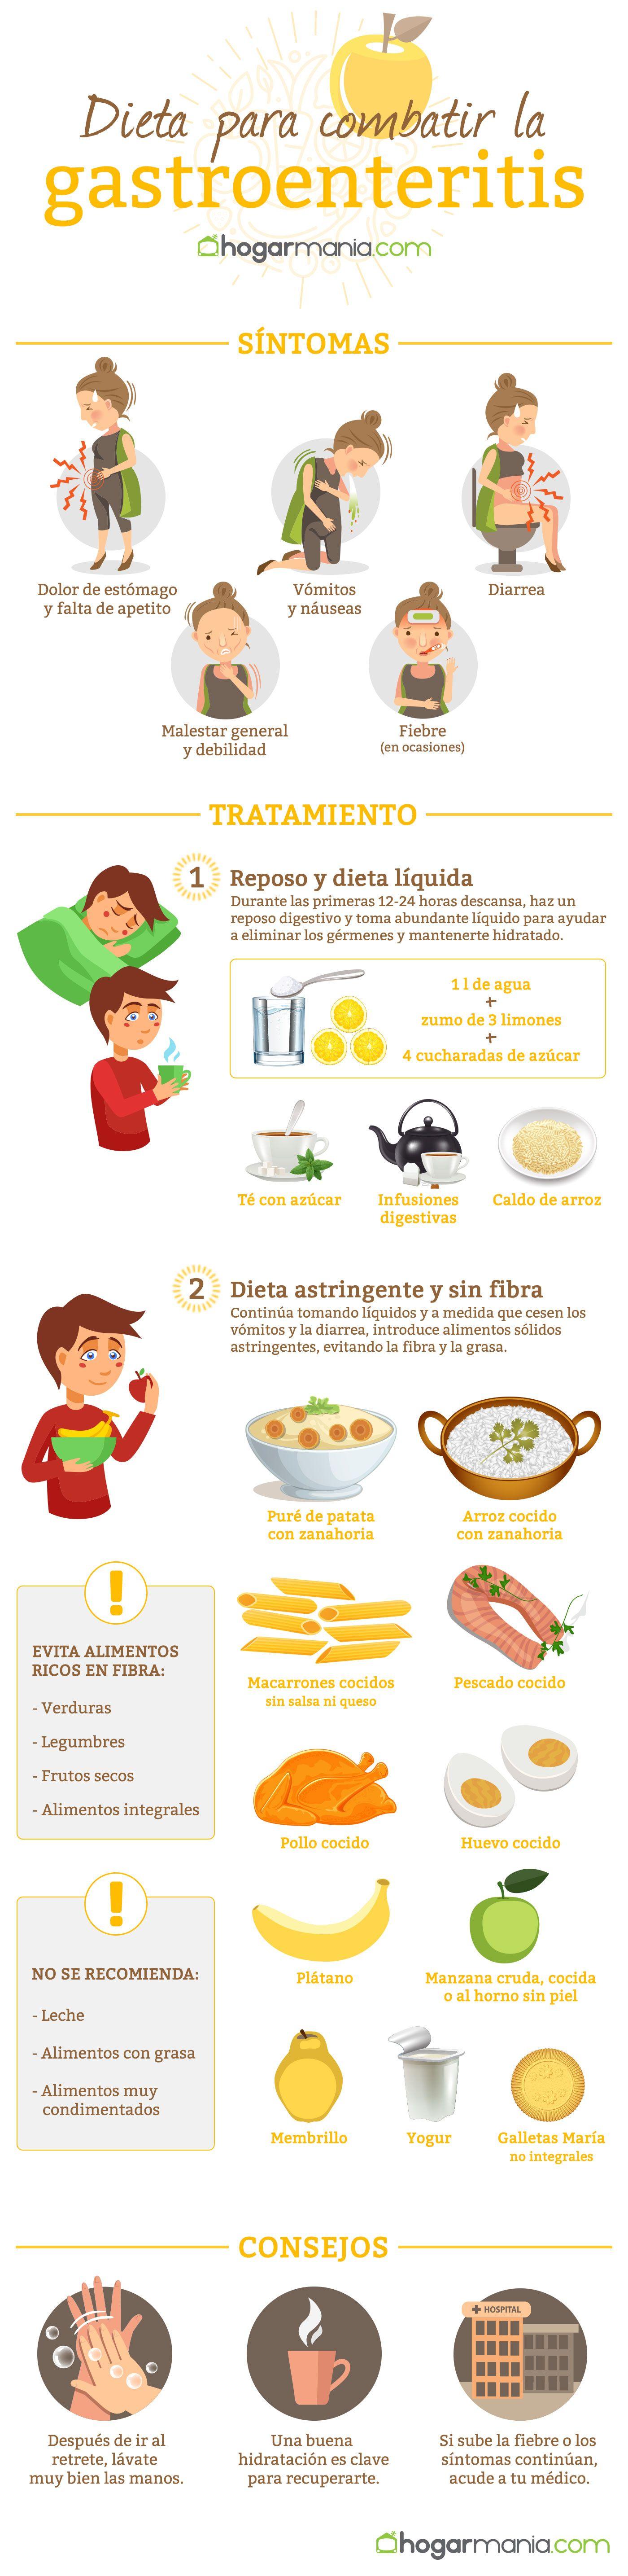 Dieta blanda: qué comer cuando tenemos diarrea o gastroenteritis